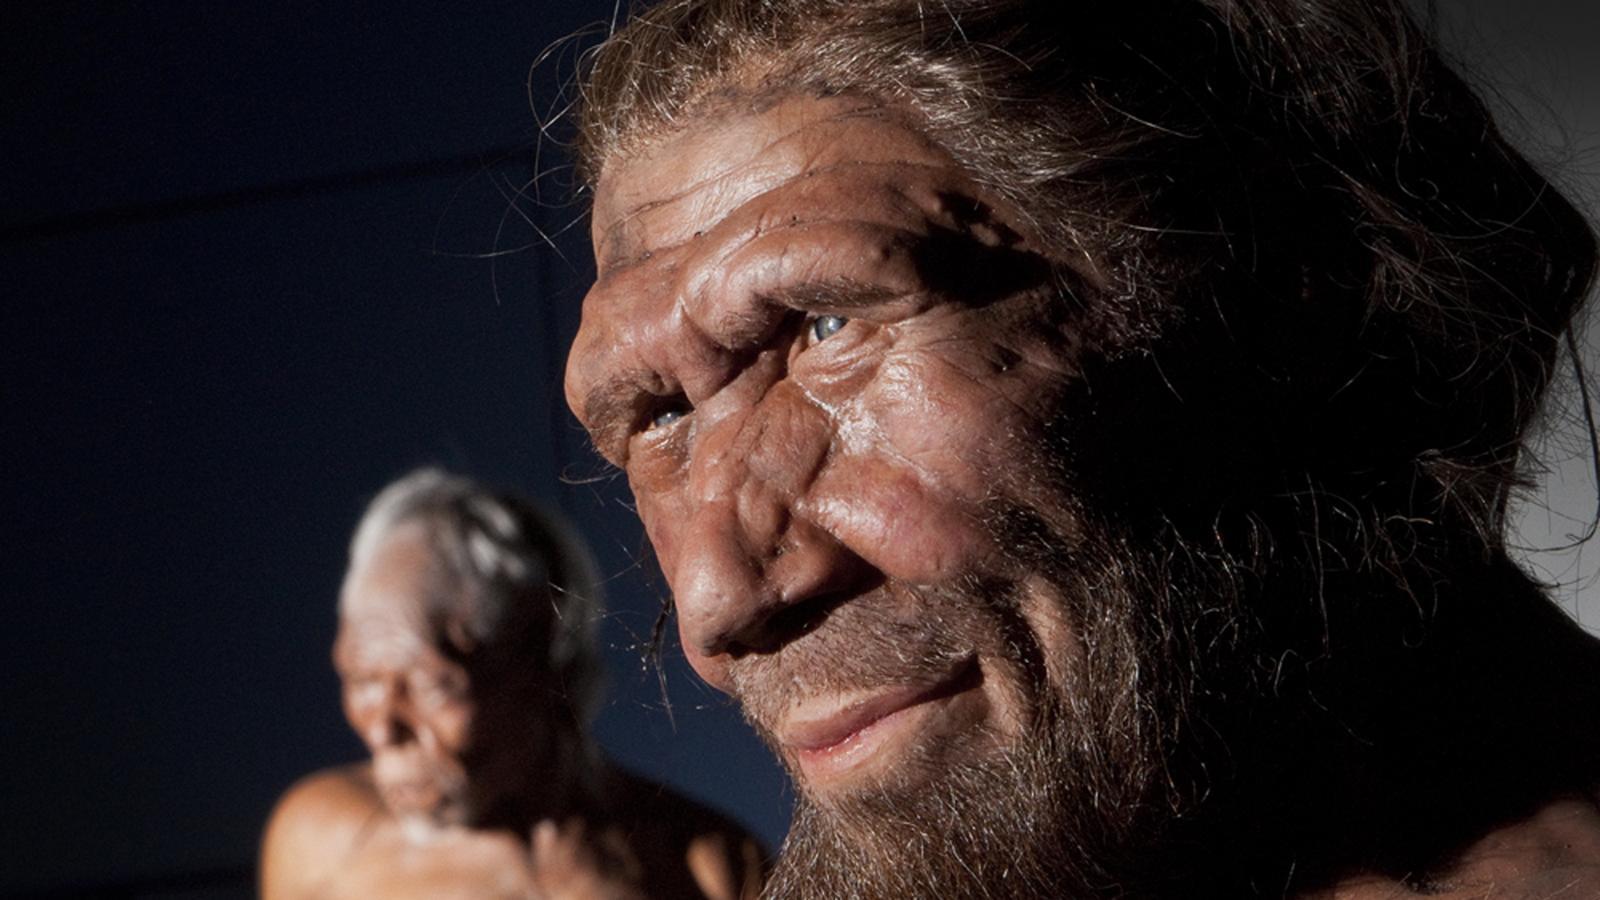 neanderthal herpes